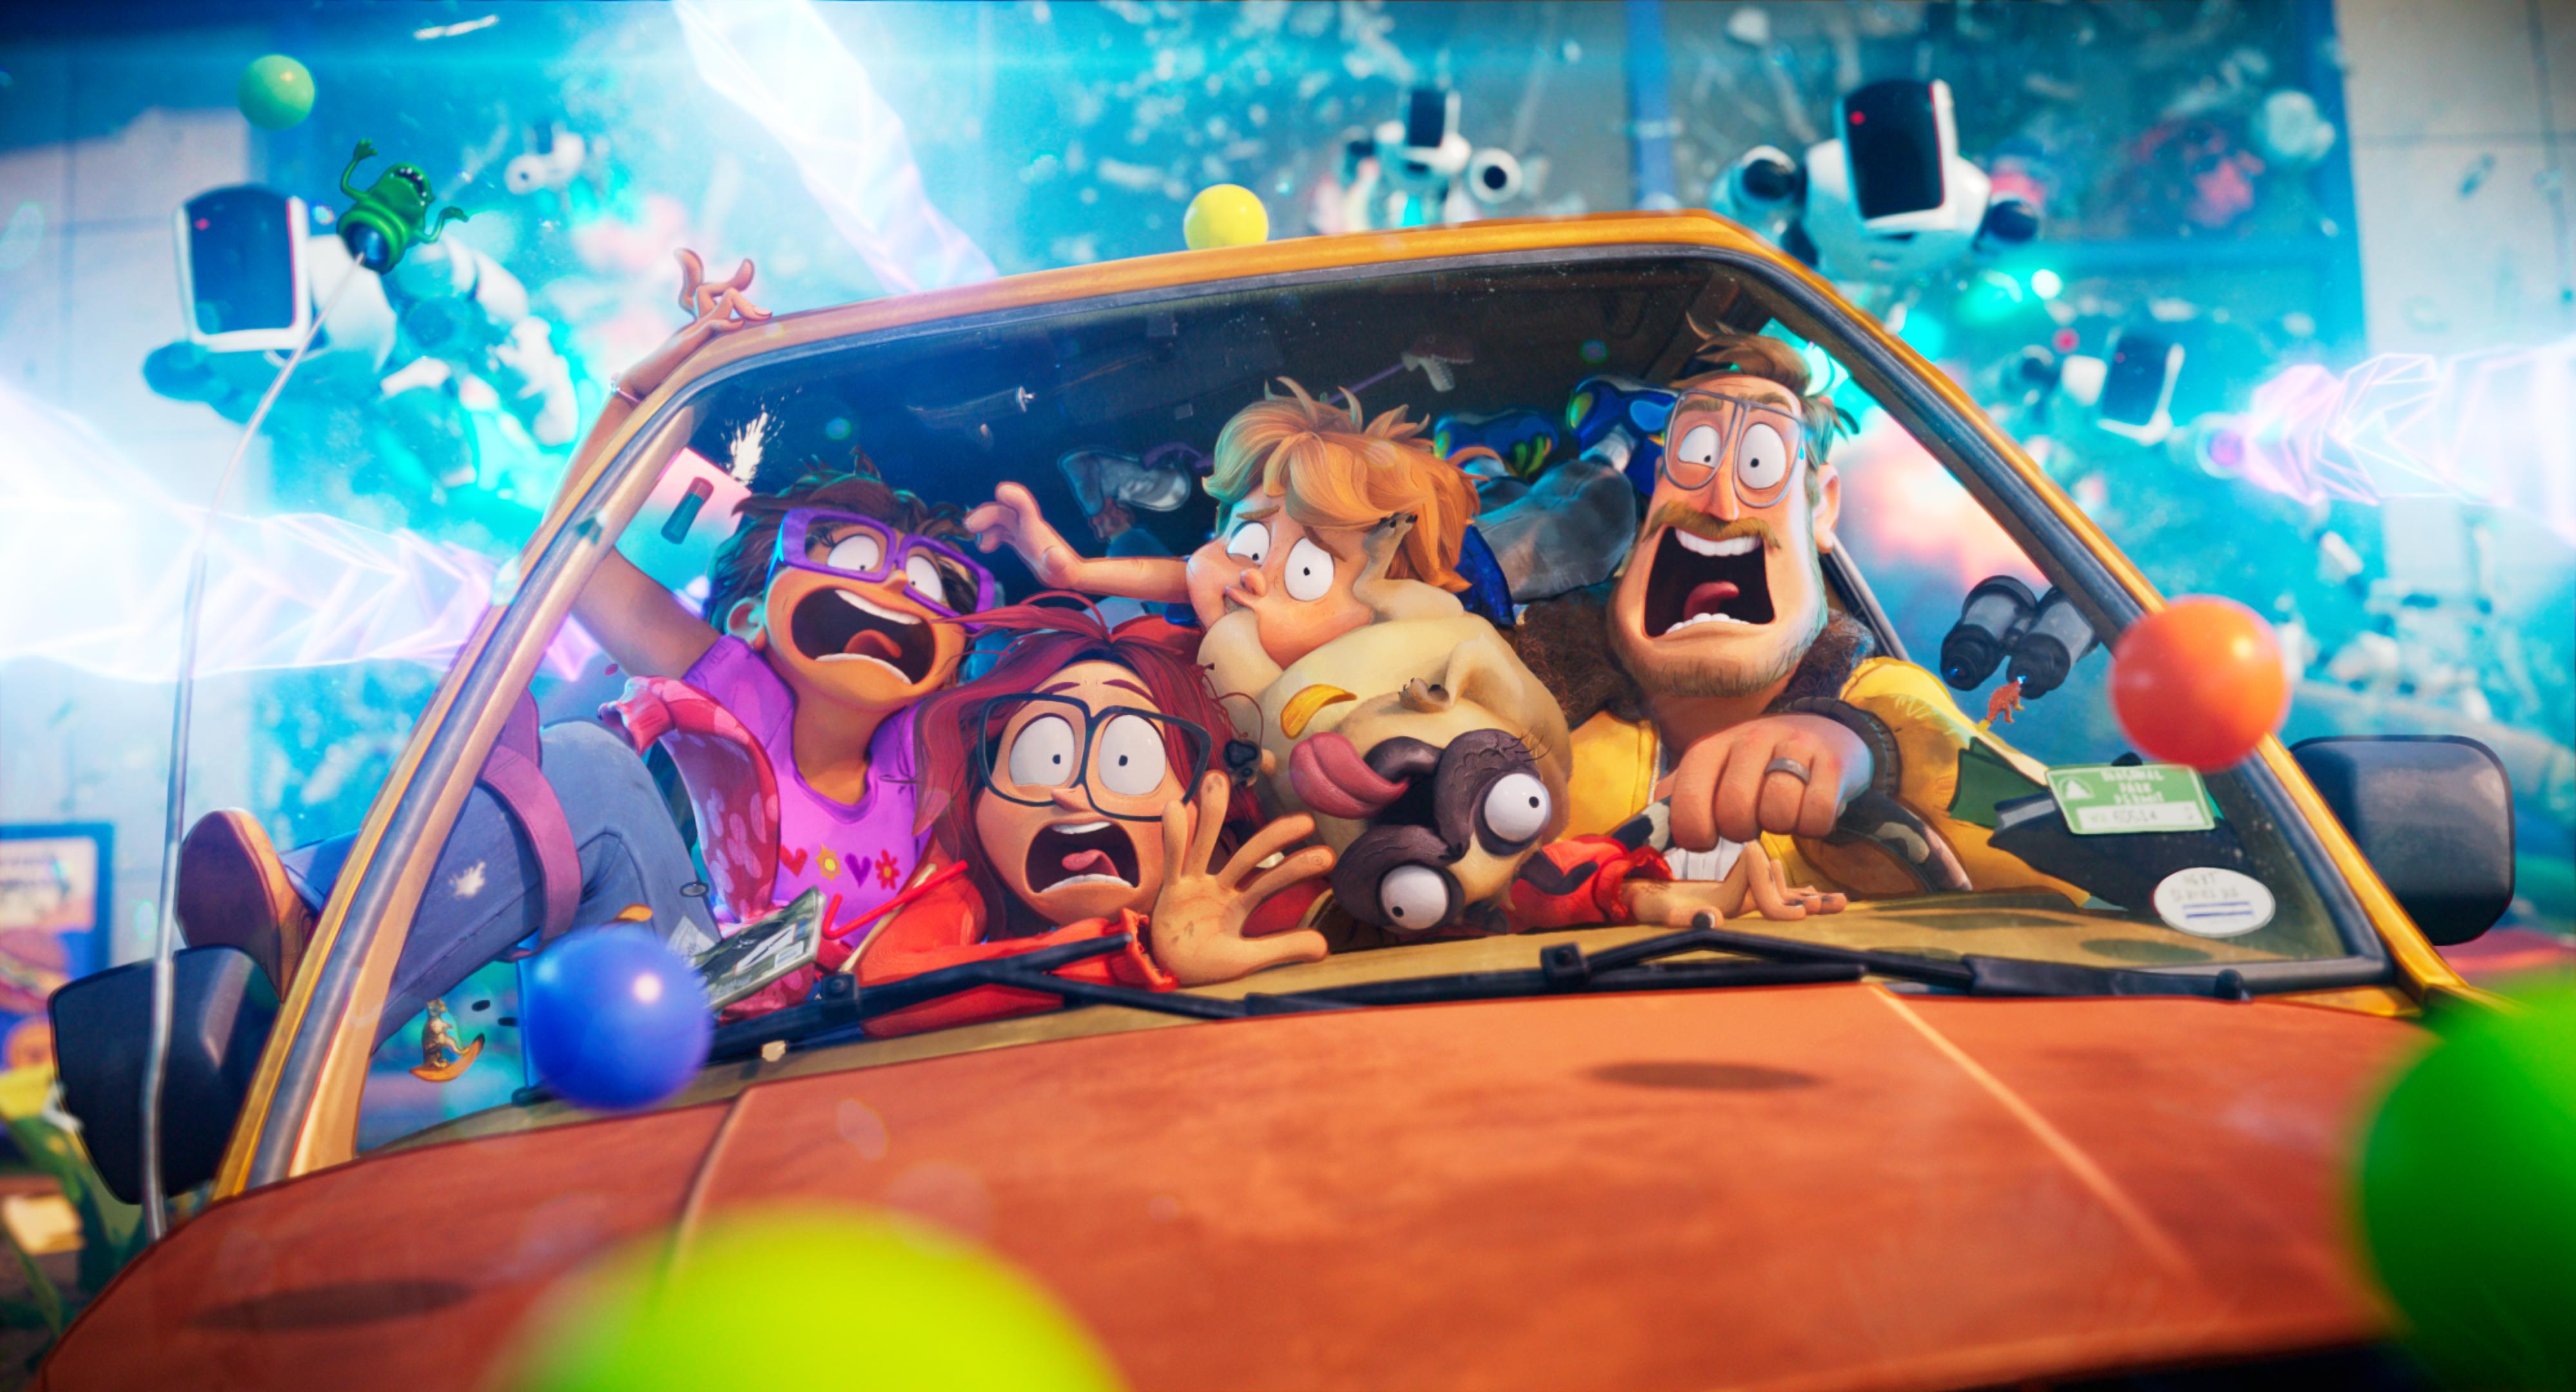 a family cramped into a tiny car